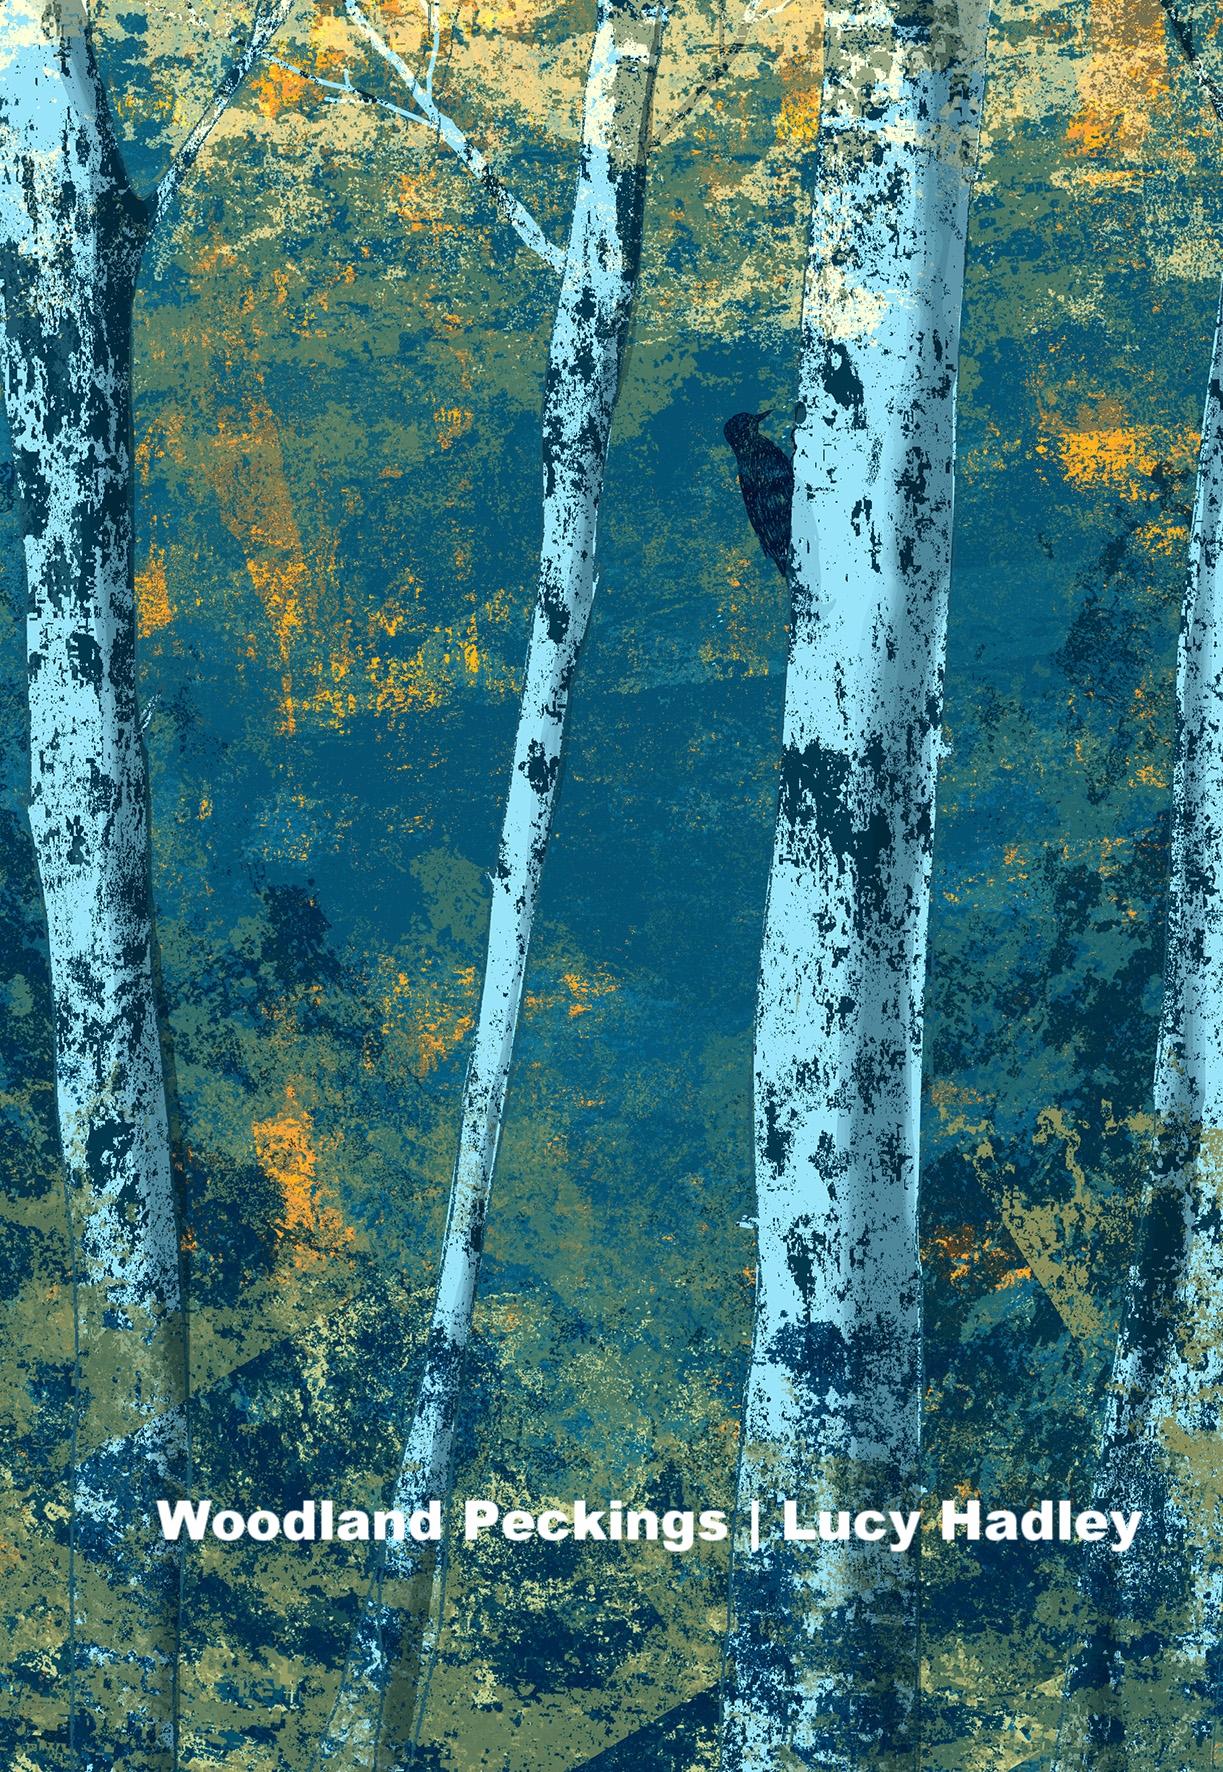 lh_woodlandpeckings_150mm.jpg